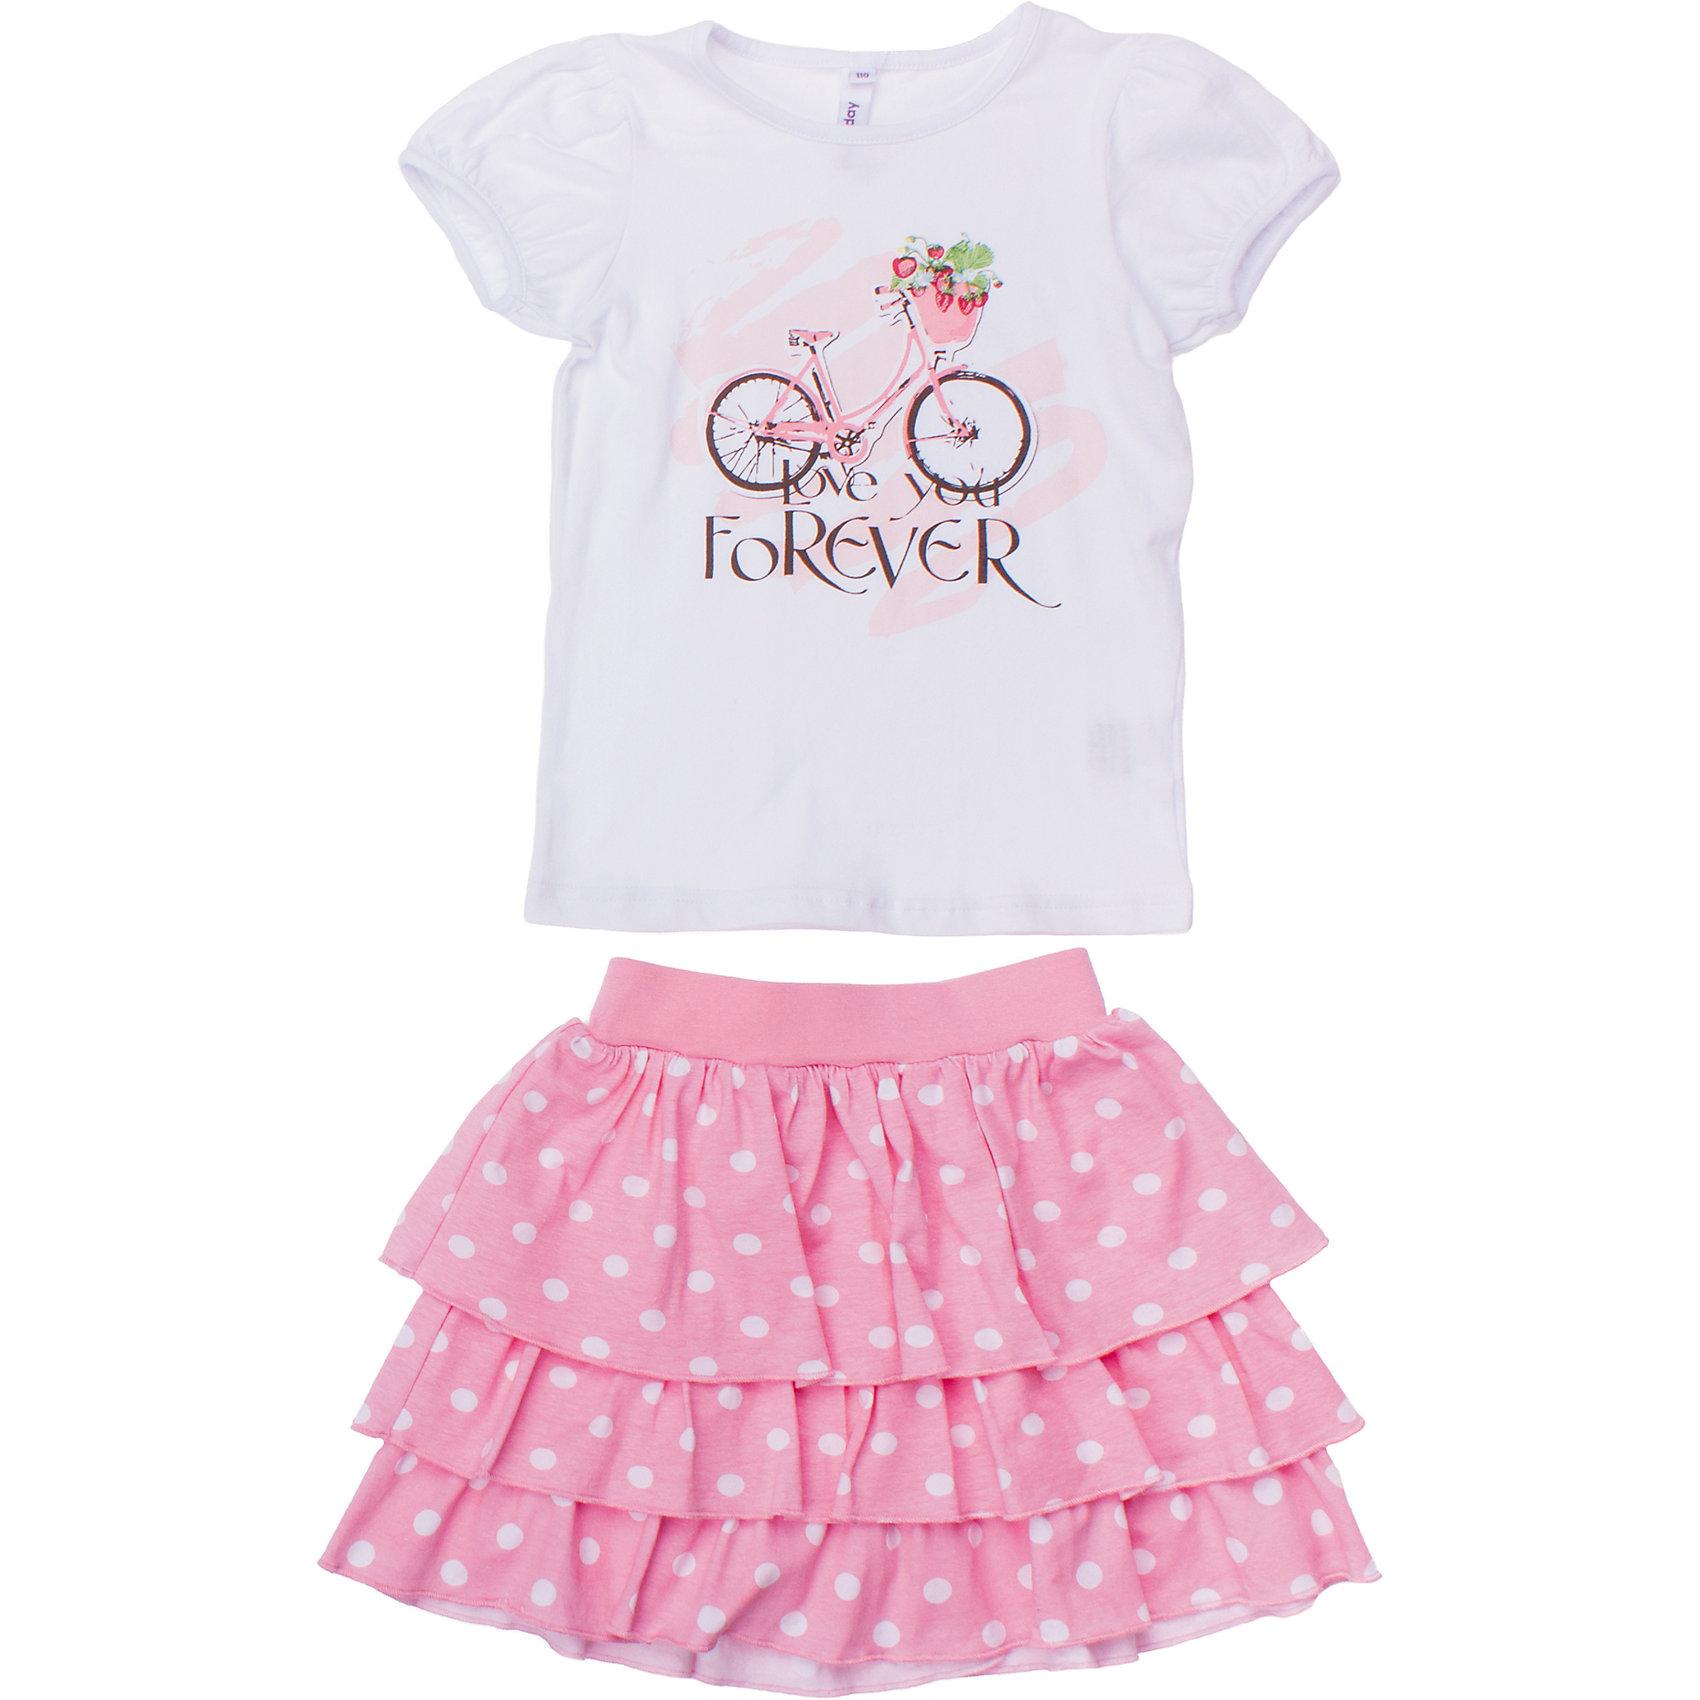 Комплект: футболка и юбка PlayTodayКомплект из хлопковой футболки и юбки. Футболка украшена мягким волным принтом. Рукава-фонарики придают кокетства. Юбка многослойная и воздушная. Принт - белый горошек. Пояс на мягкой широкой резинке. Состав: 95% хлопок, 5% эластан<br><br>Ширина мм: 199<br>Глубина мм: 10<br>Высота мм: 161<br>Вес г: 151<br>Цвет: белый<br>Возраст от месяцев: 36<br>Возраст до месяцев: 48<br>Пол: Женский<br>Возраст: Детский<br>Размер: 122,98,104,128,110,116<br>SKU: 4652700